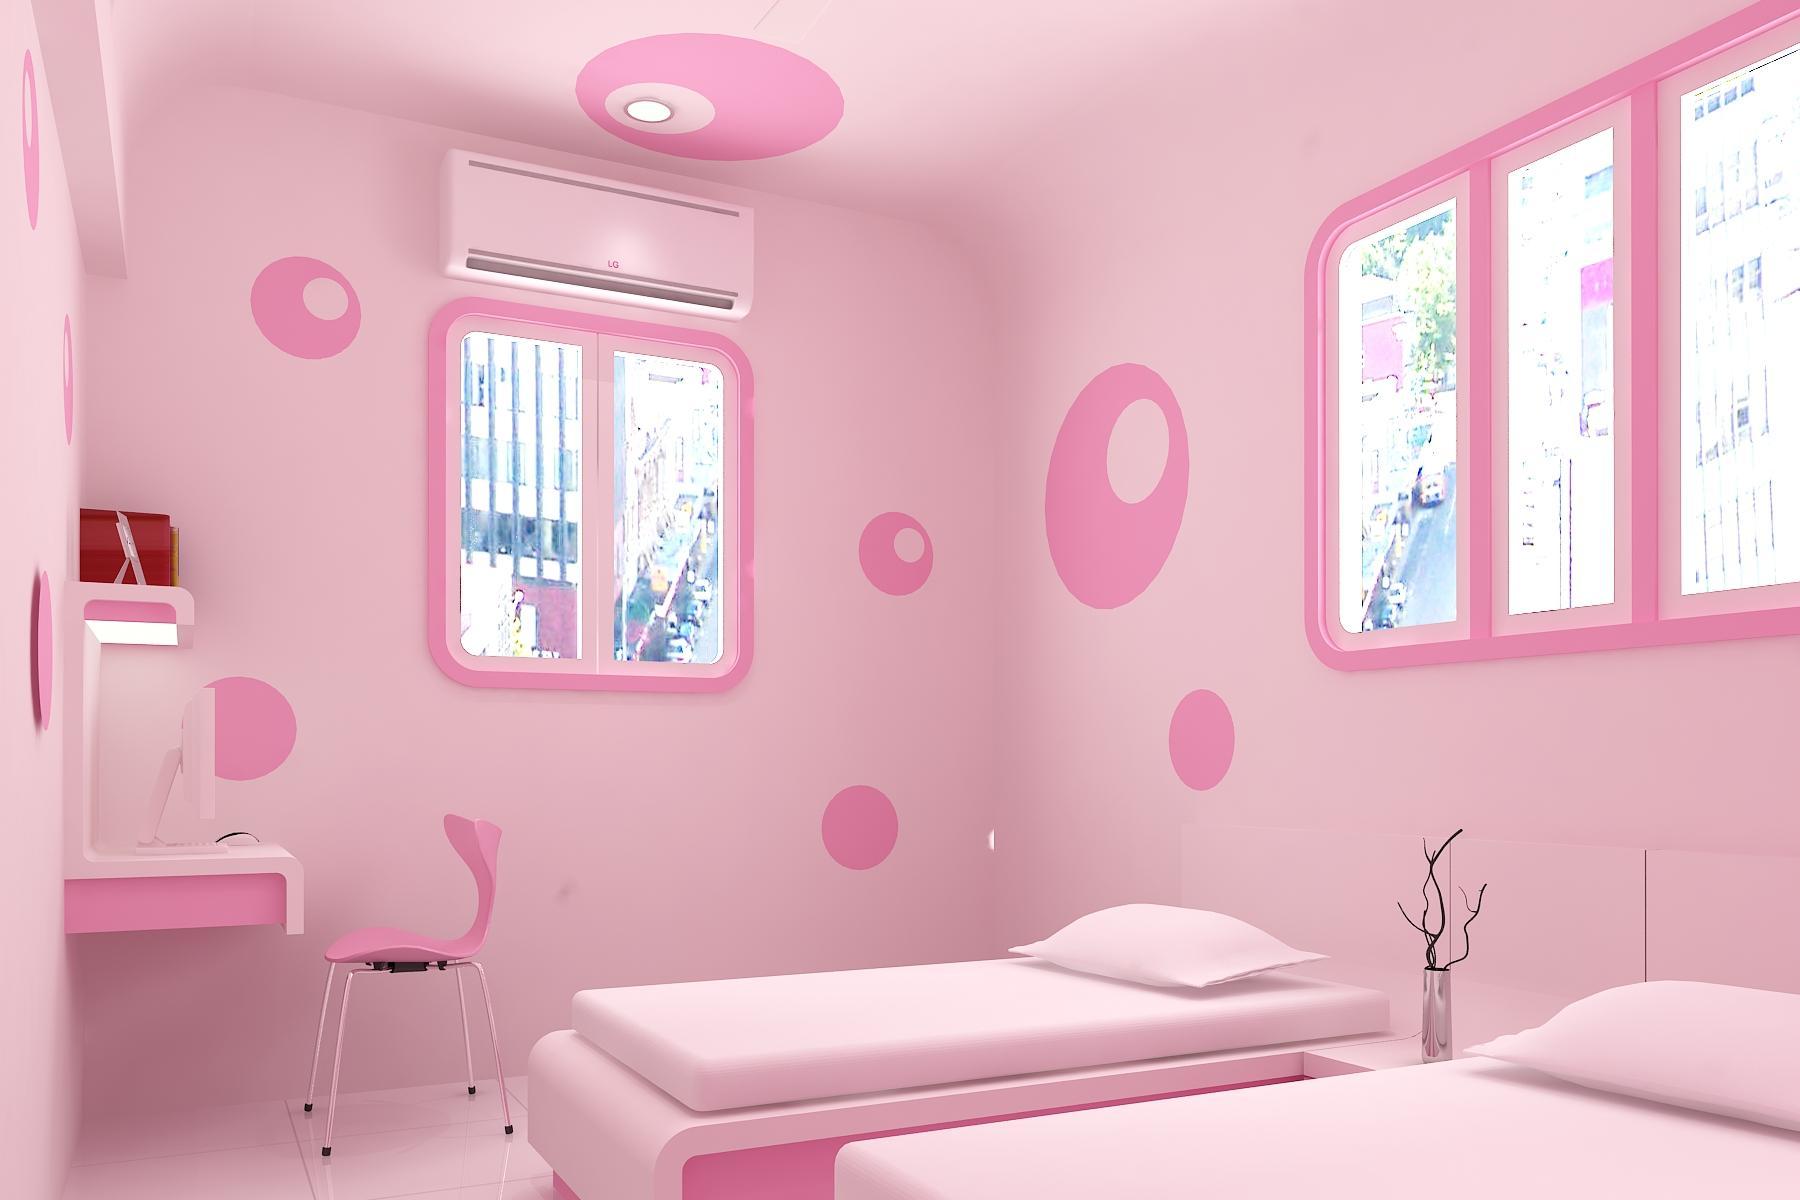 بالصور دهانات غرف اطفال , طلاء مناسب للاطفال 1224 11